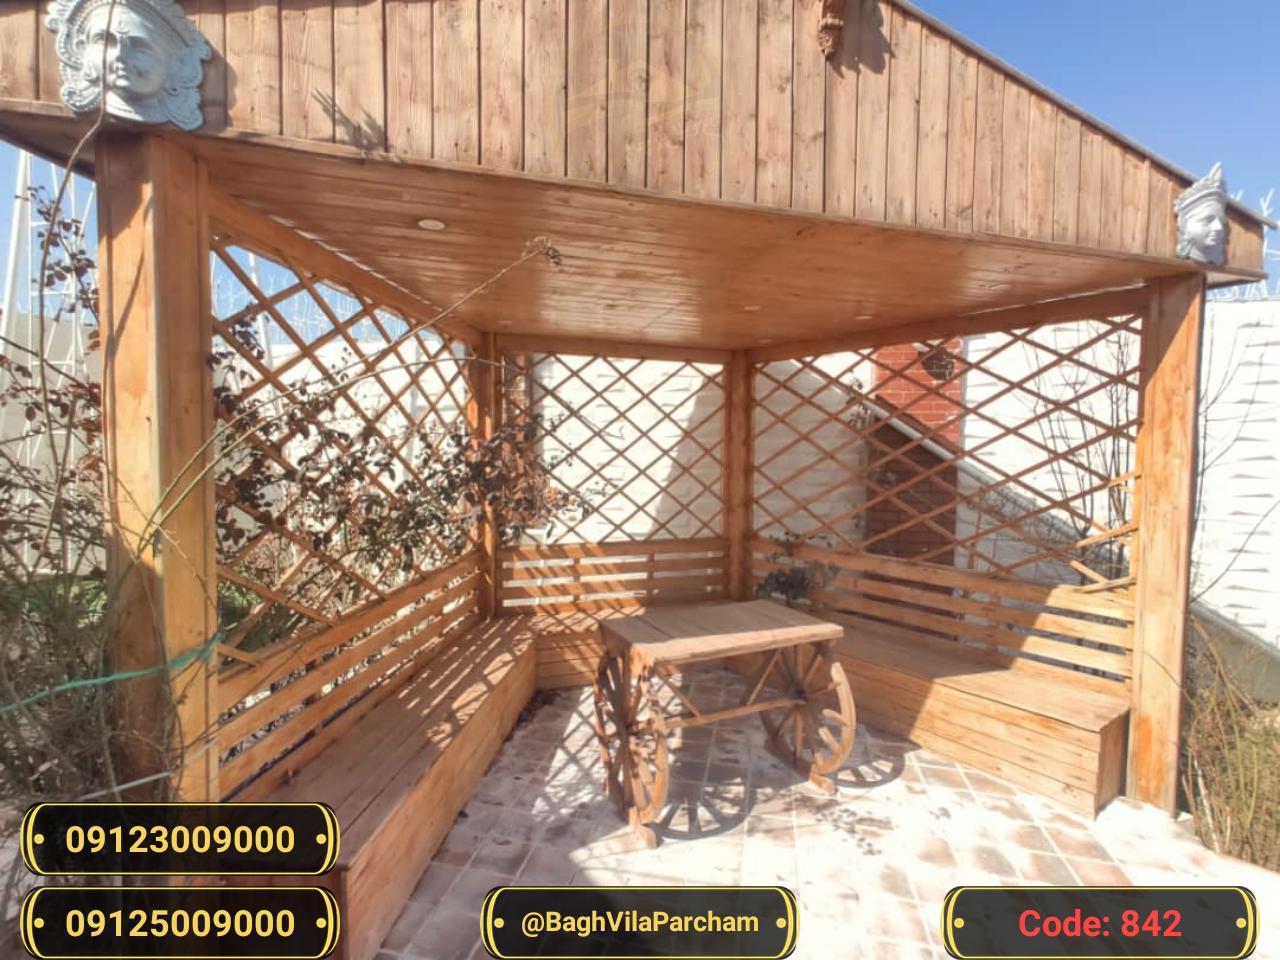 تصویر عکس باغ ویلا شماره 4 از ویلای ۵۰۰ متر ویلا تمام چوب Picture photo image 4 of ۵۰۰ متر ویلا تمام چوب